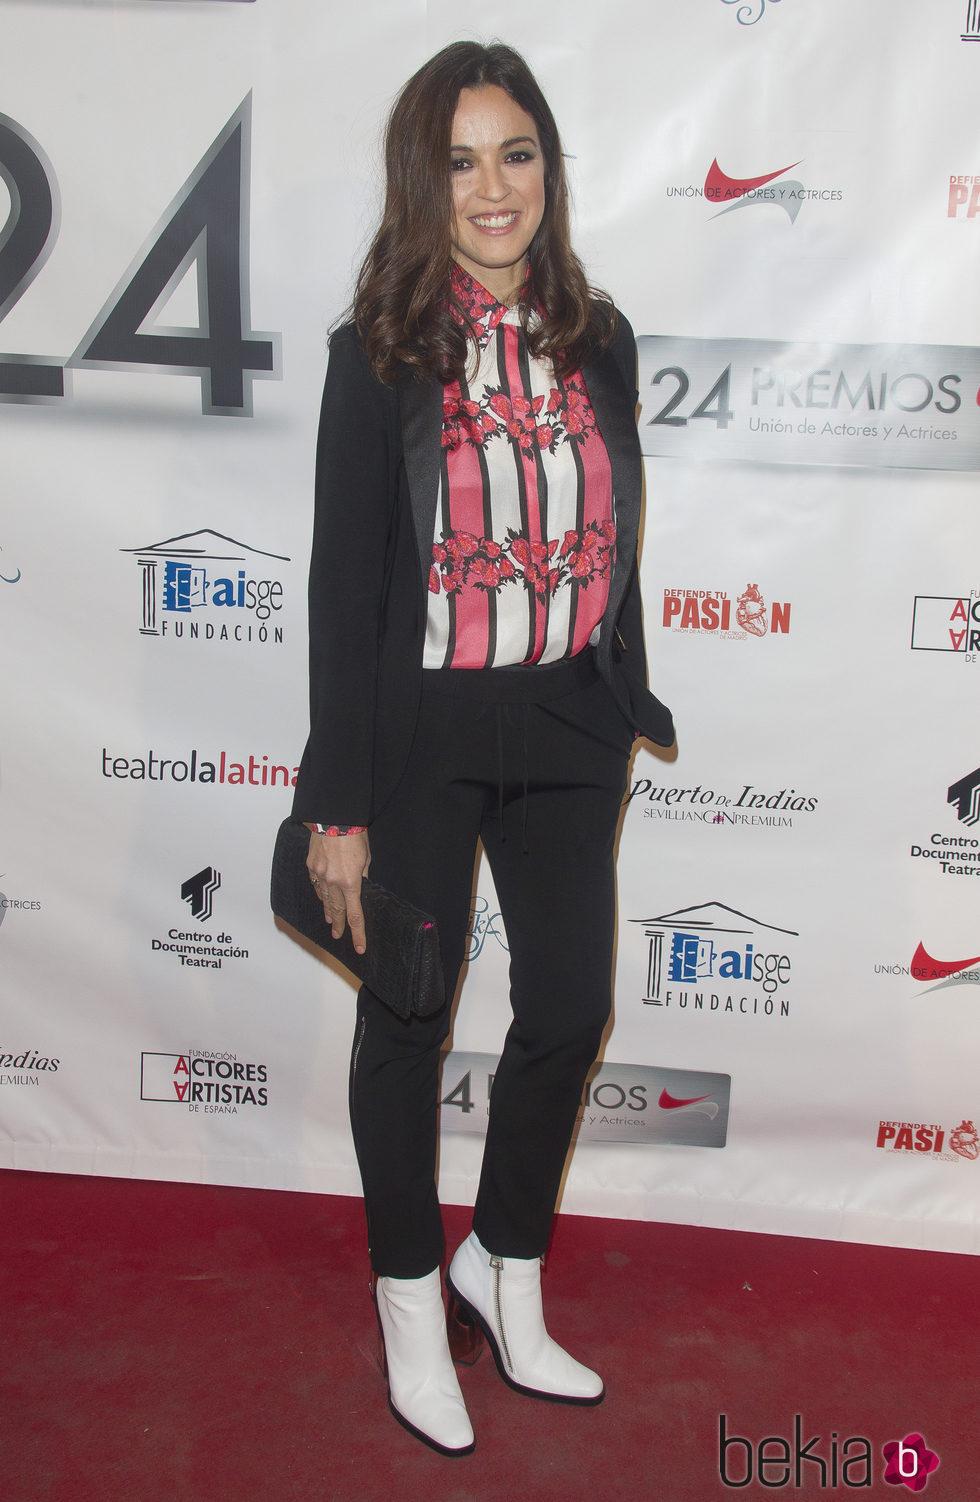 Verónica Sánchez en la entrega de los Premios Unión de Actores 2015